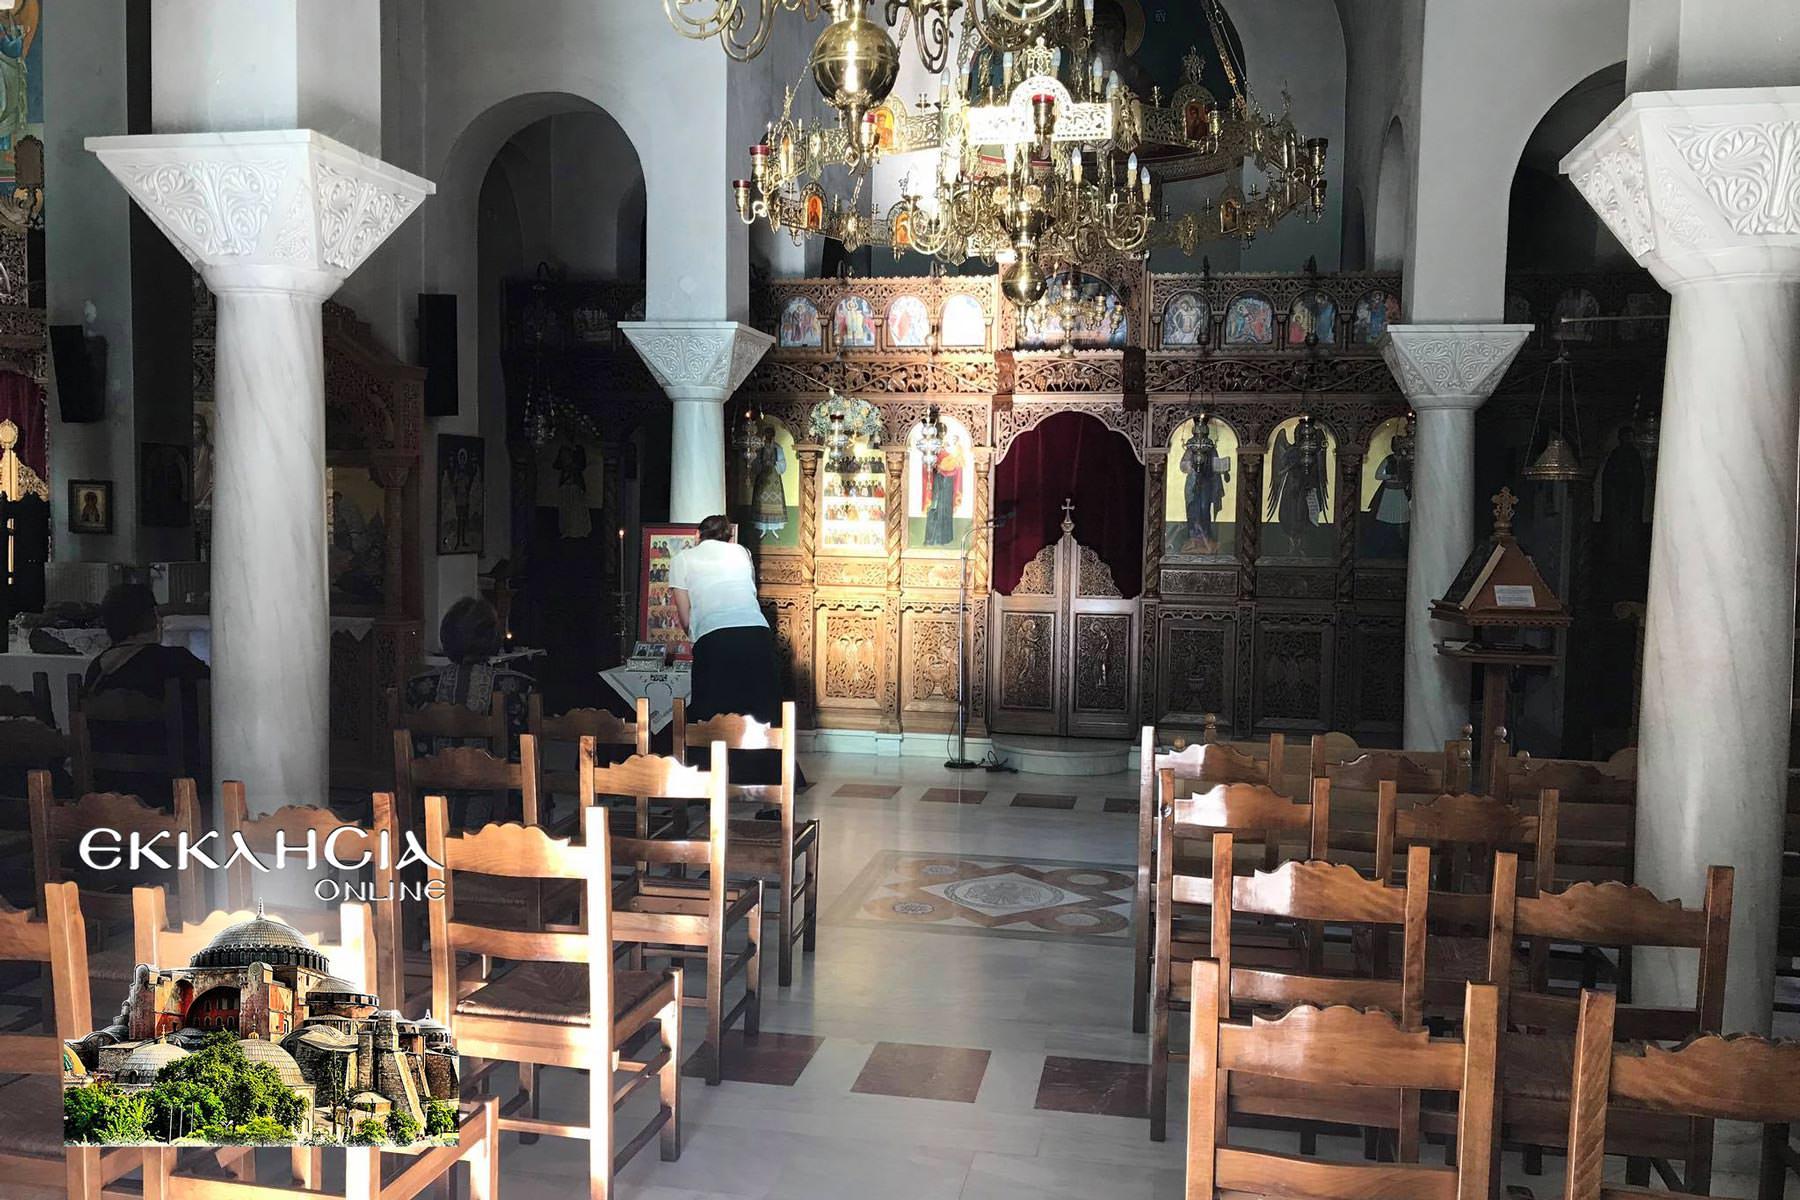 Εσπερινός νεομαρτύρων Νταού Πεντέλης Ιερός Ναός Αγίου Κοσμά Αιτωλού Μαρούσι